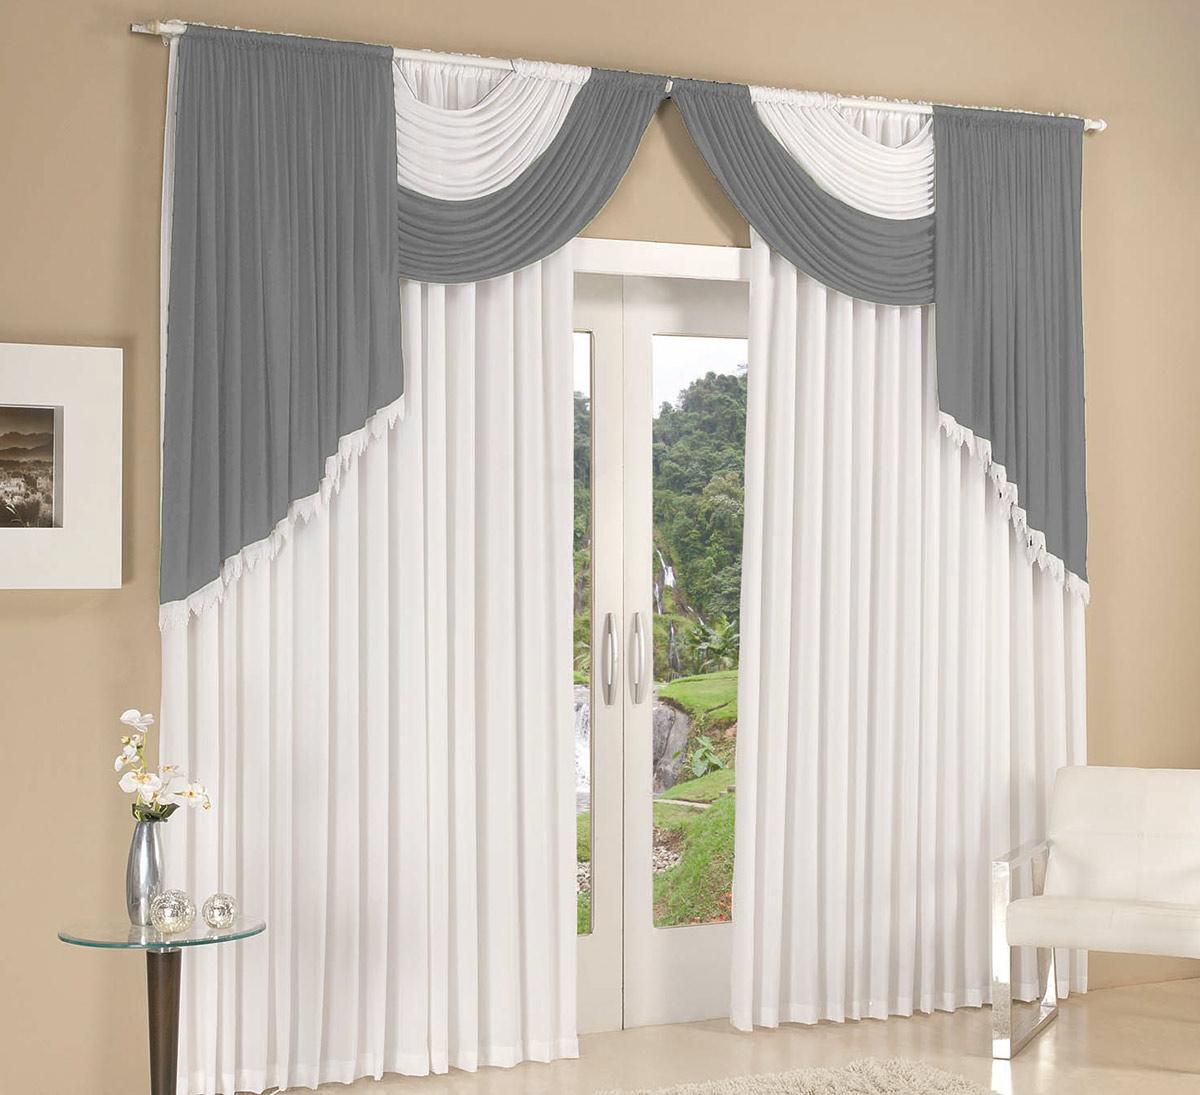 Cortina 2 metros cortina colonial branco c cinza com 1 - Cortinas por metros ...